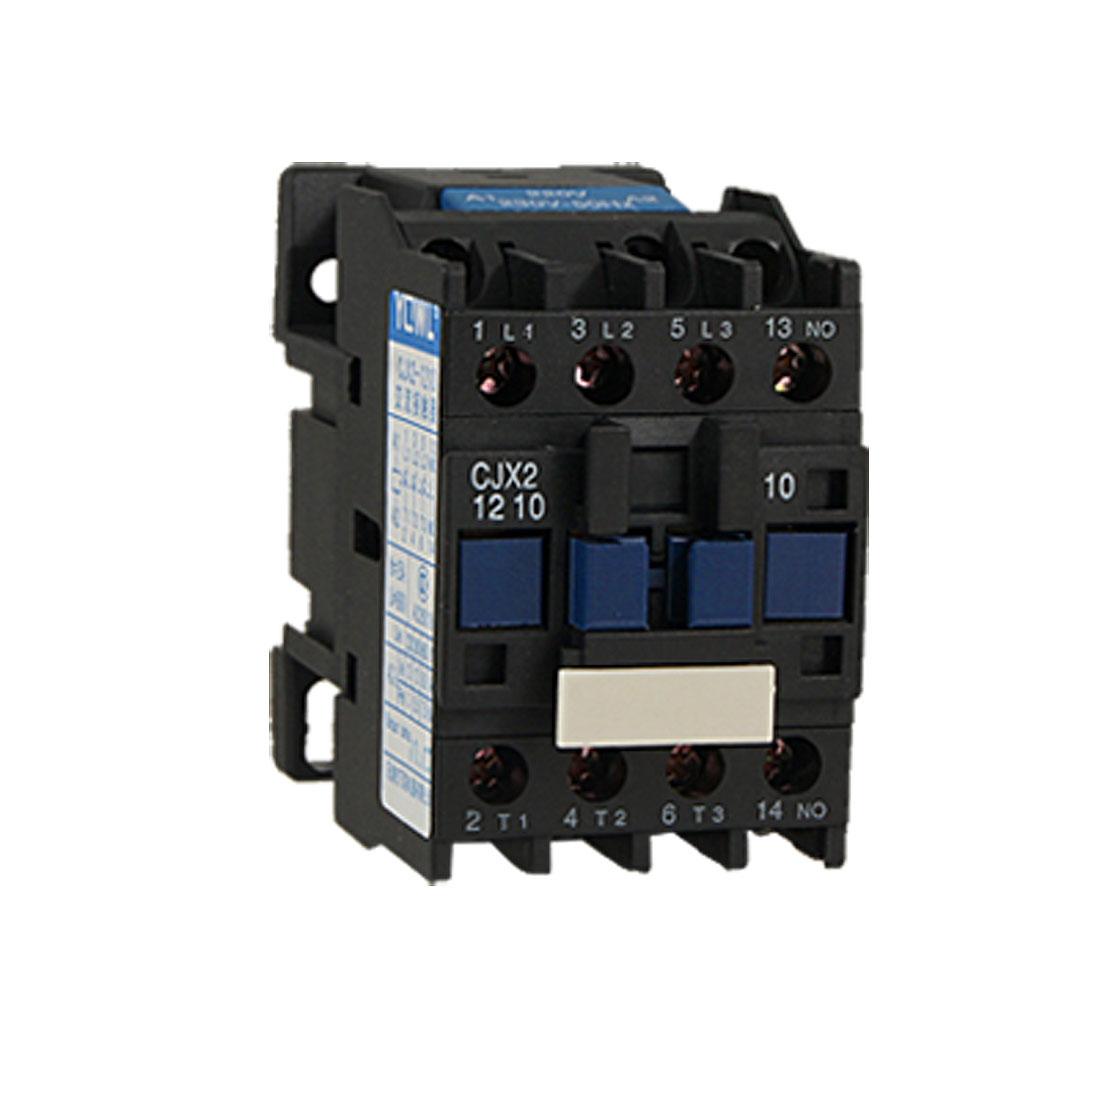 CJX2-1210 690V Ui 12A 220 Volt 3 Poles AC Contactor 3P+NO Normally Open